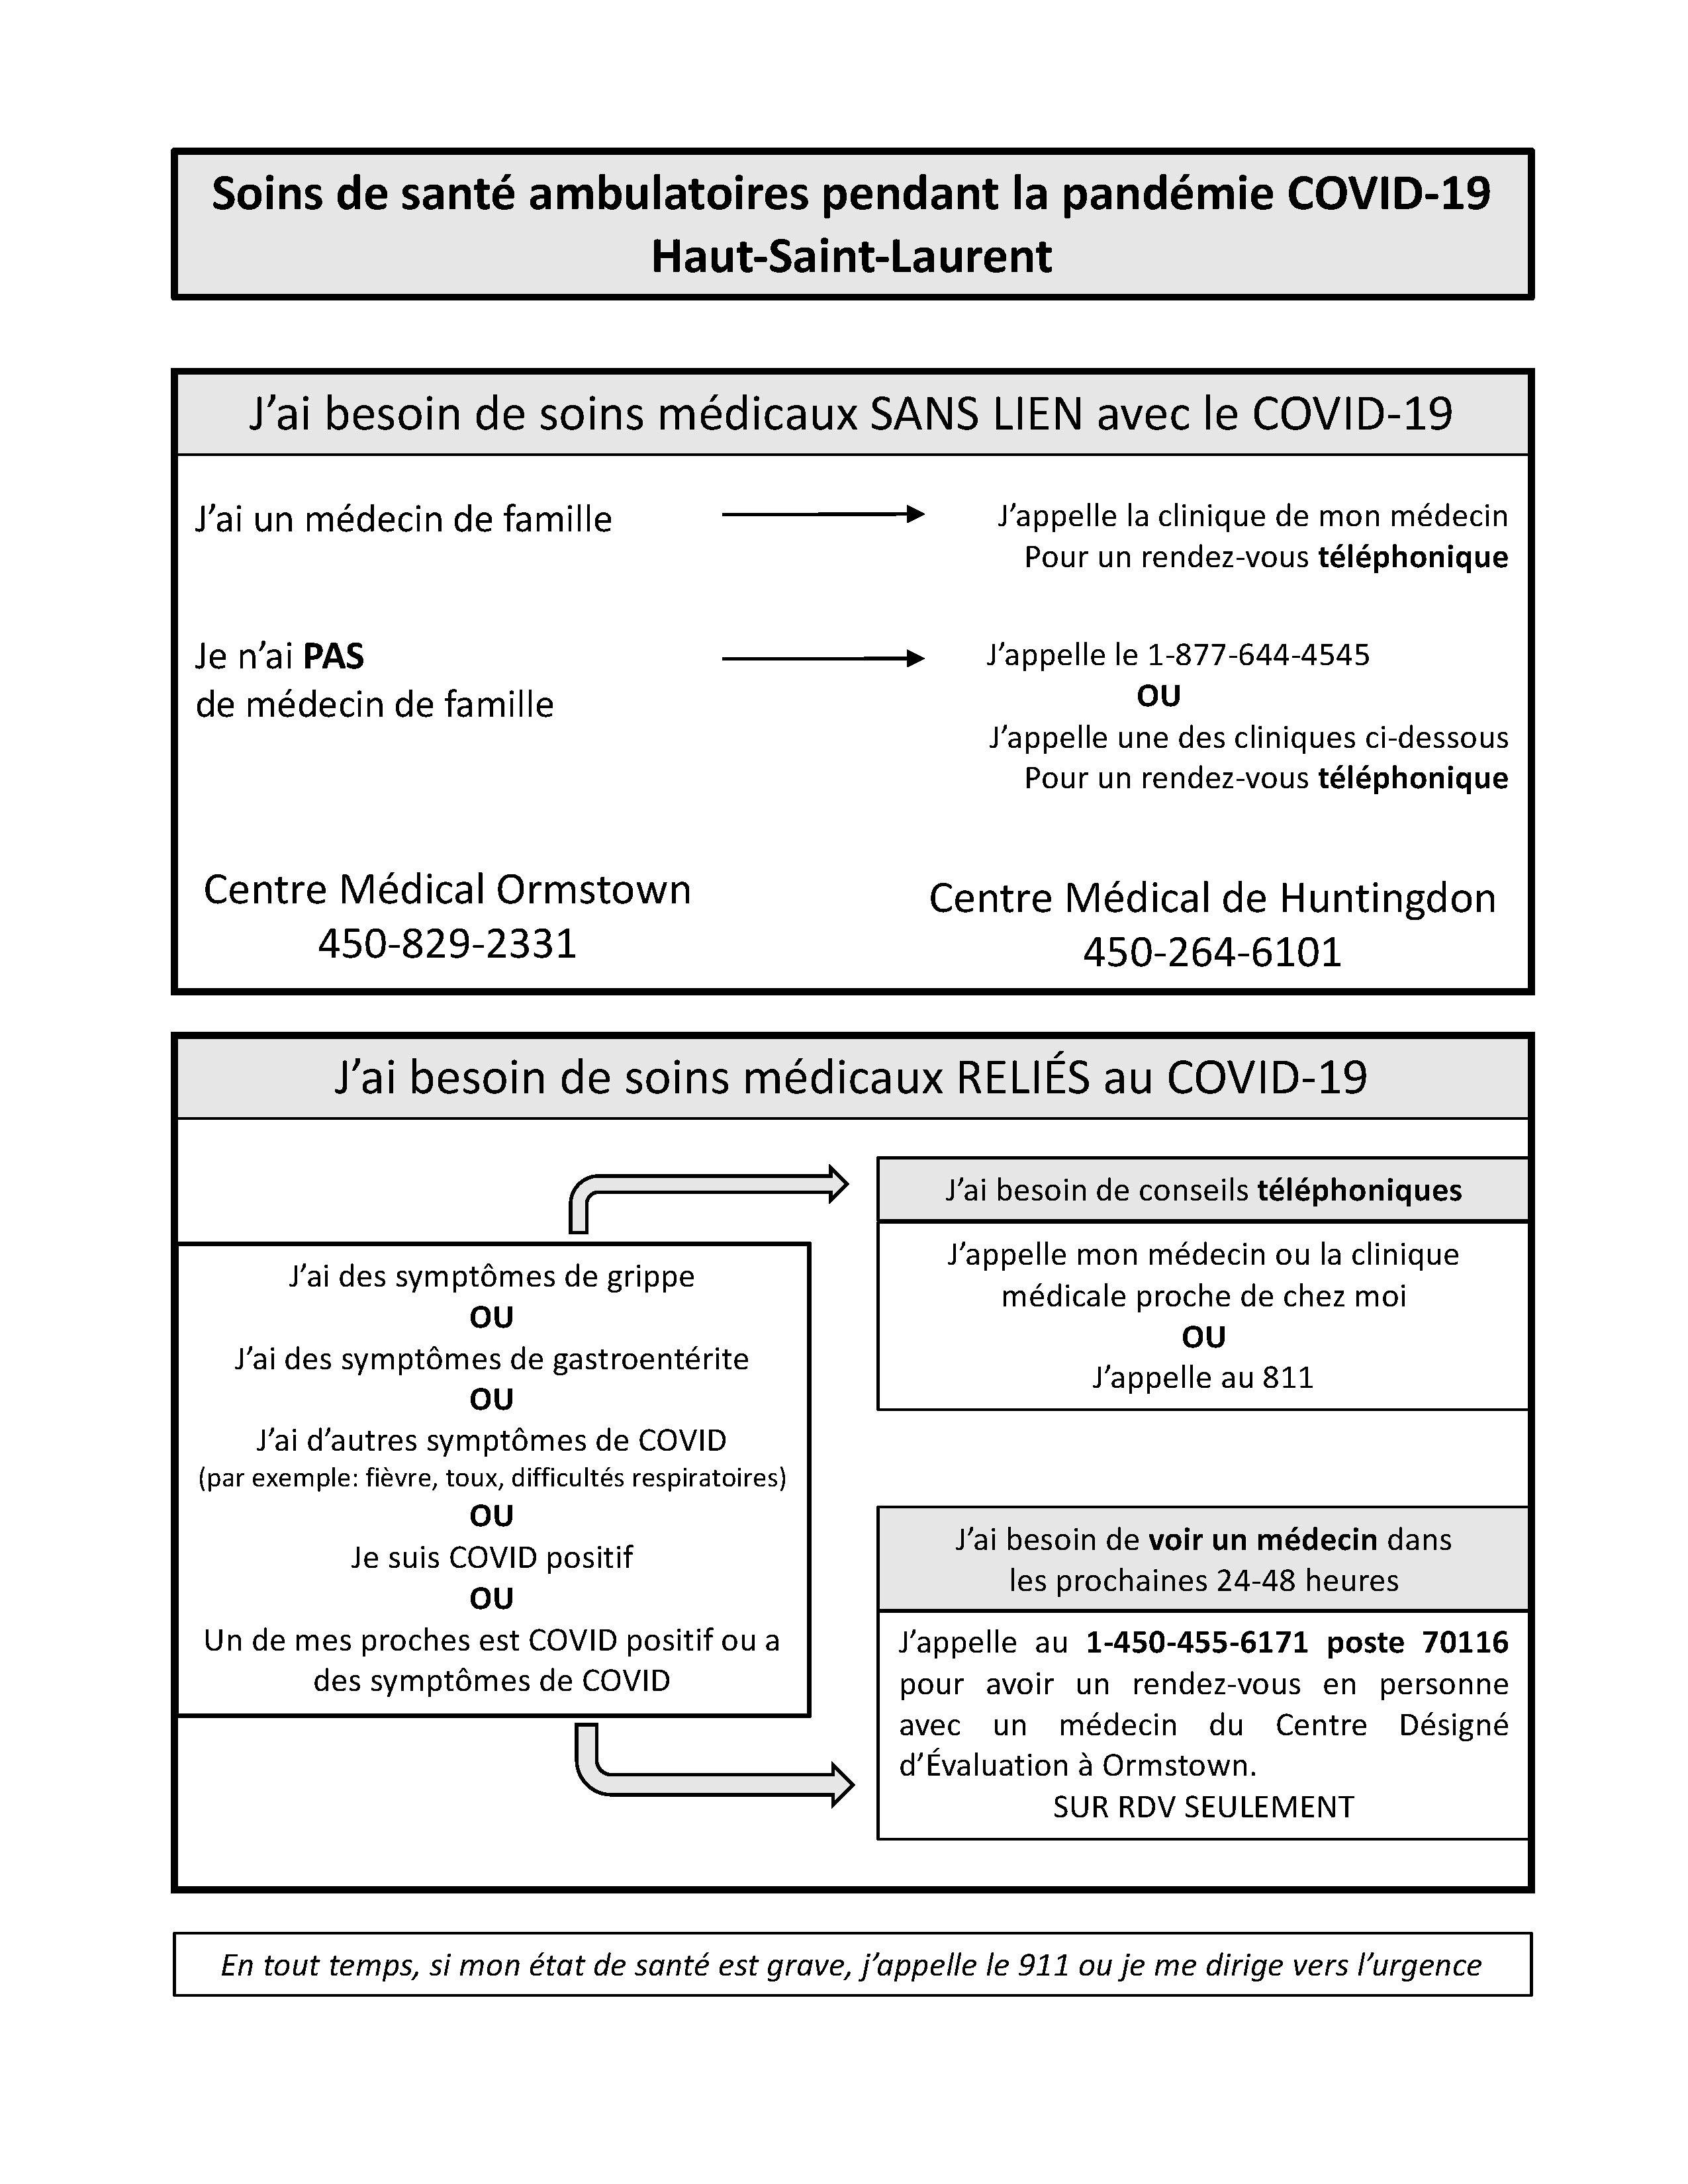 CDEc38f_communiquec38f_20200412_Page_1.jpg#asset:4985